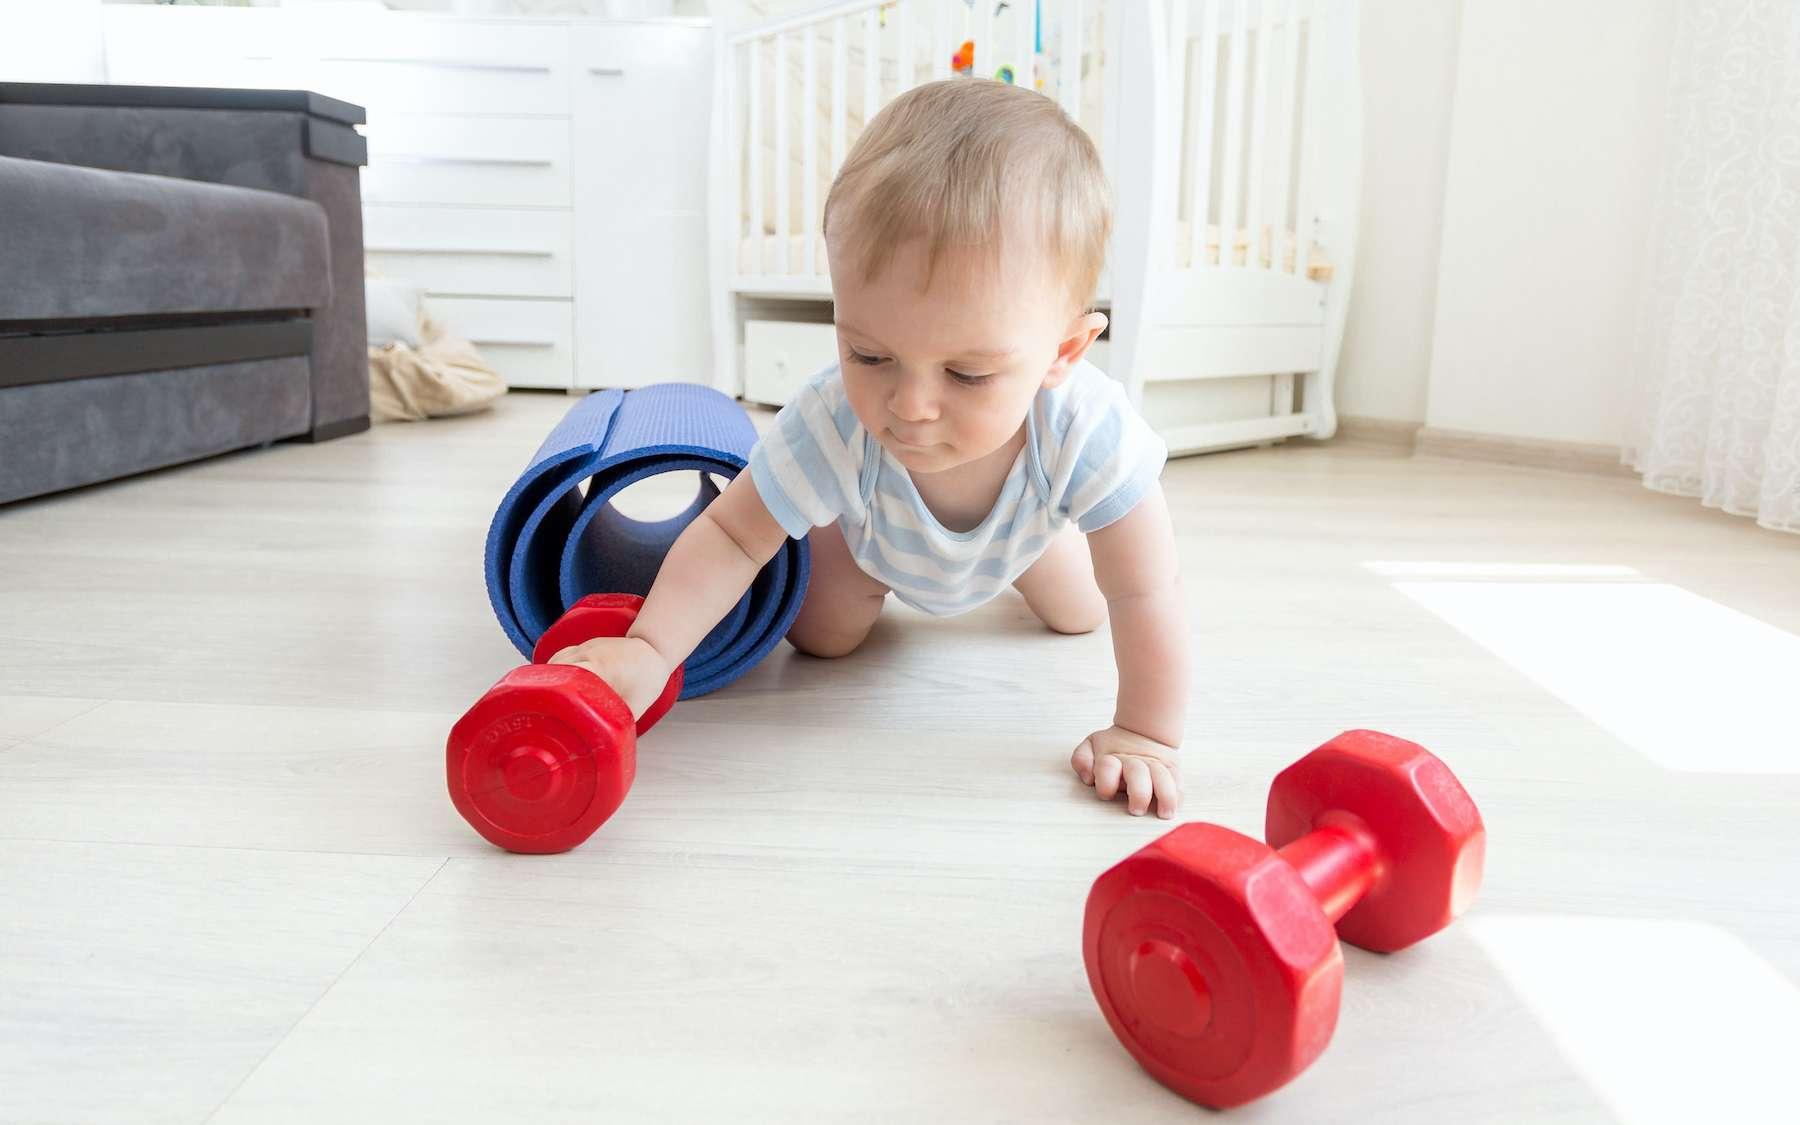 Les nourrissons ont un métabolisme très élevé. © Кирилл Рыжов, Adobe Stock